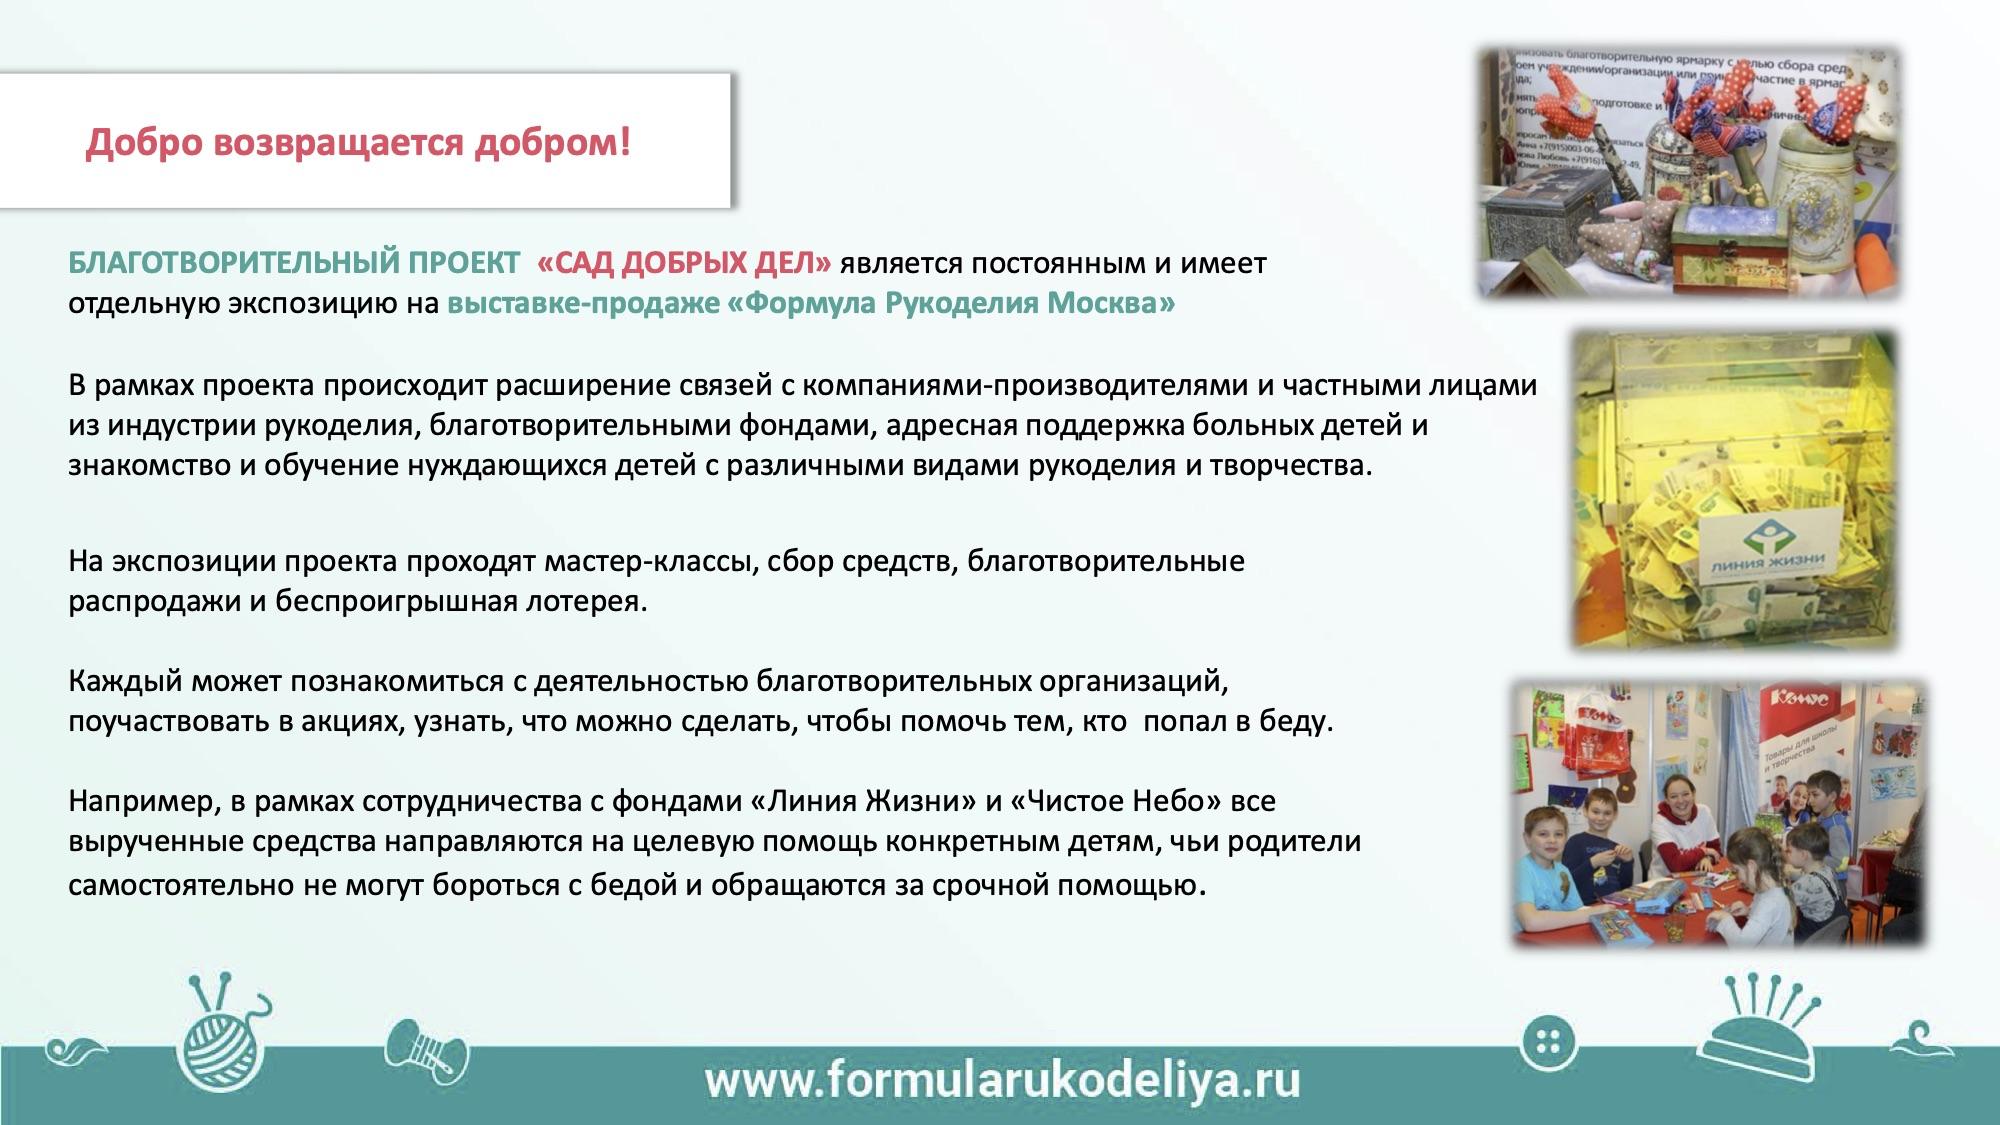 СадДобрыхДел3